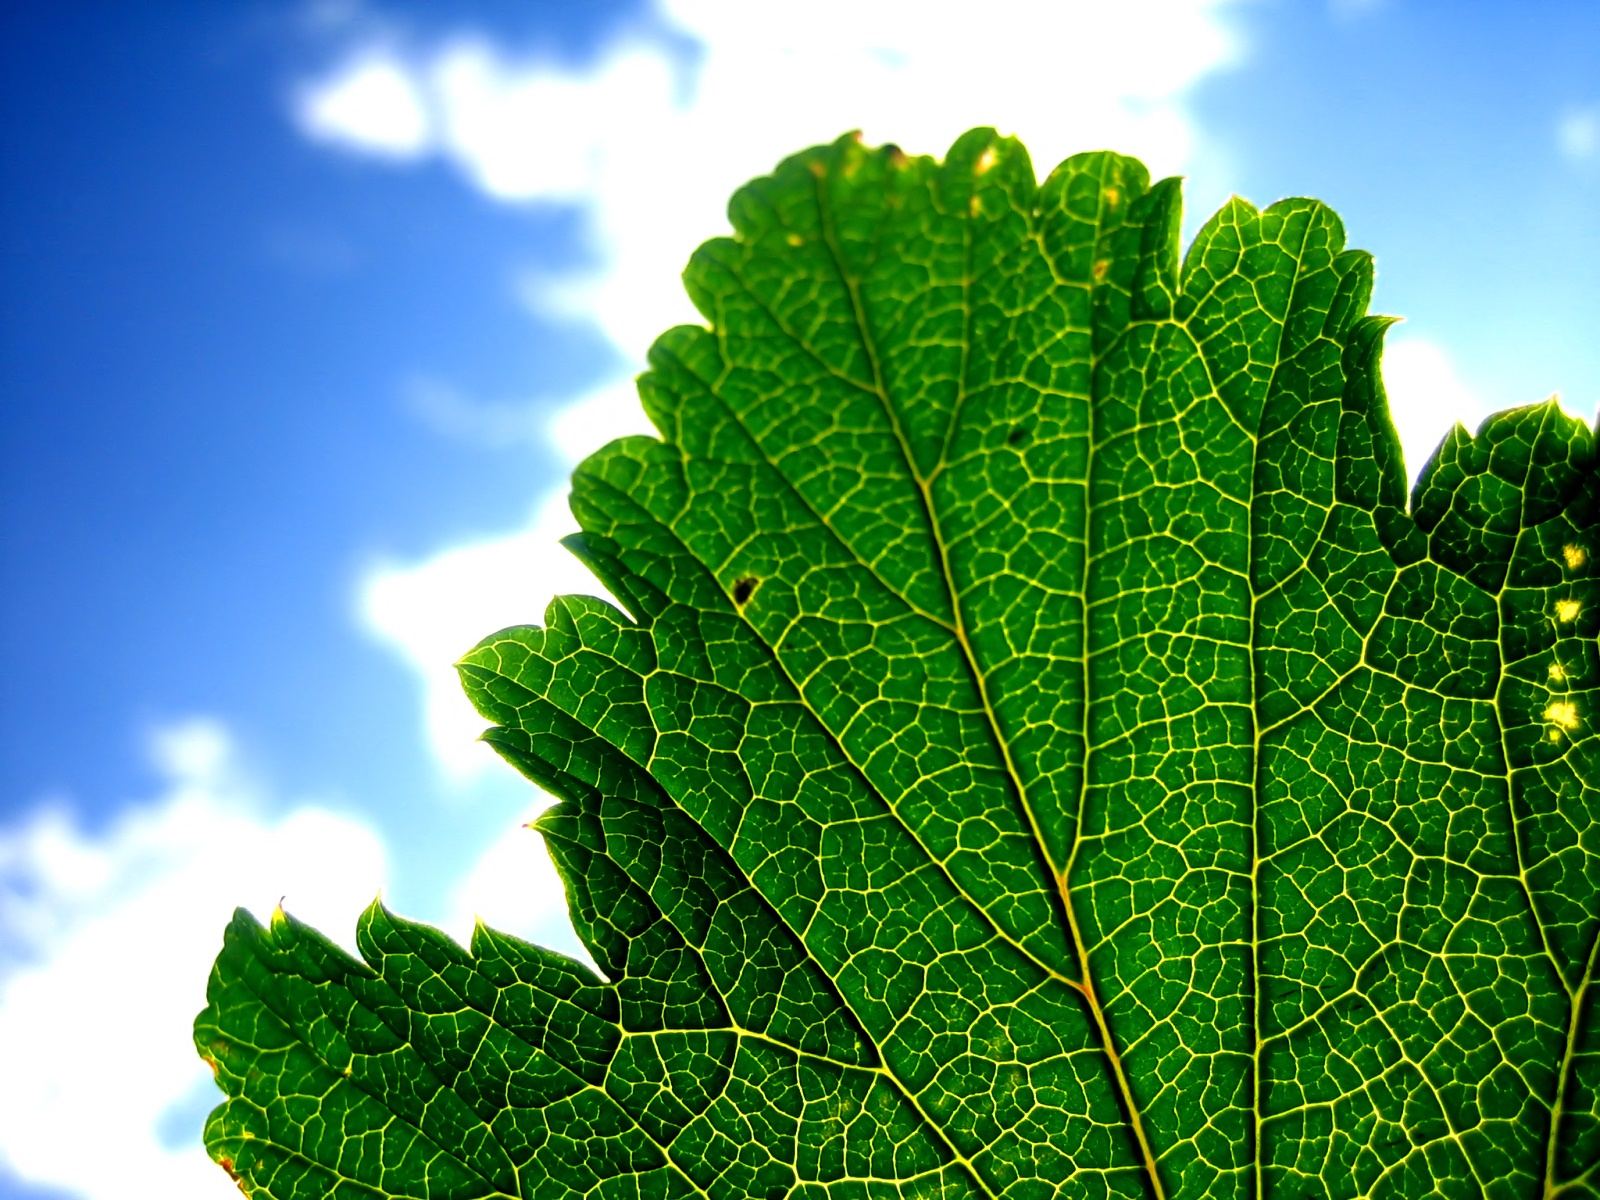 qu son las plantas generaci n verde